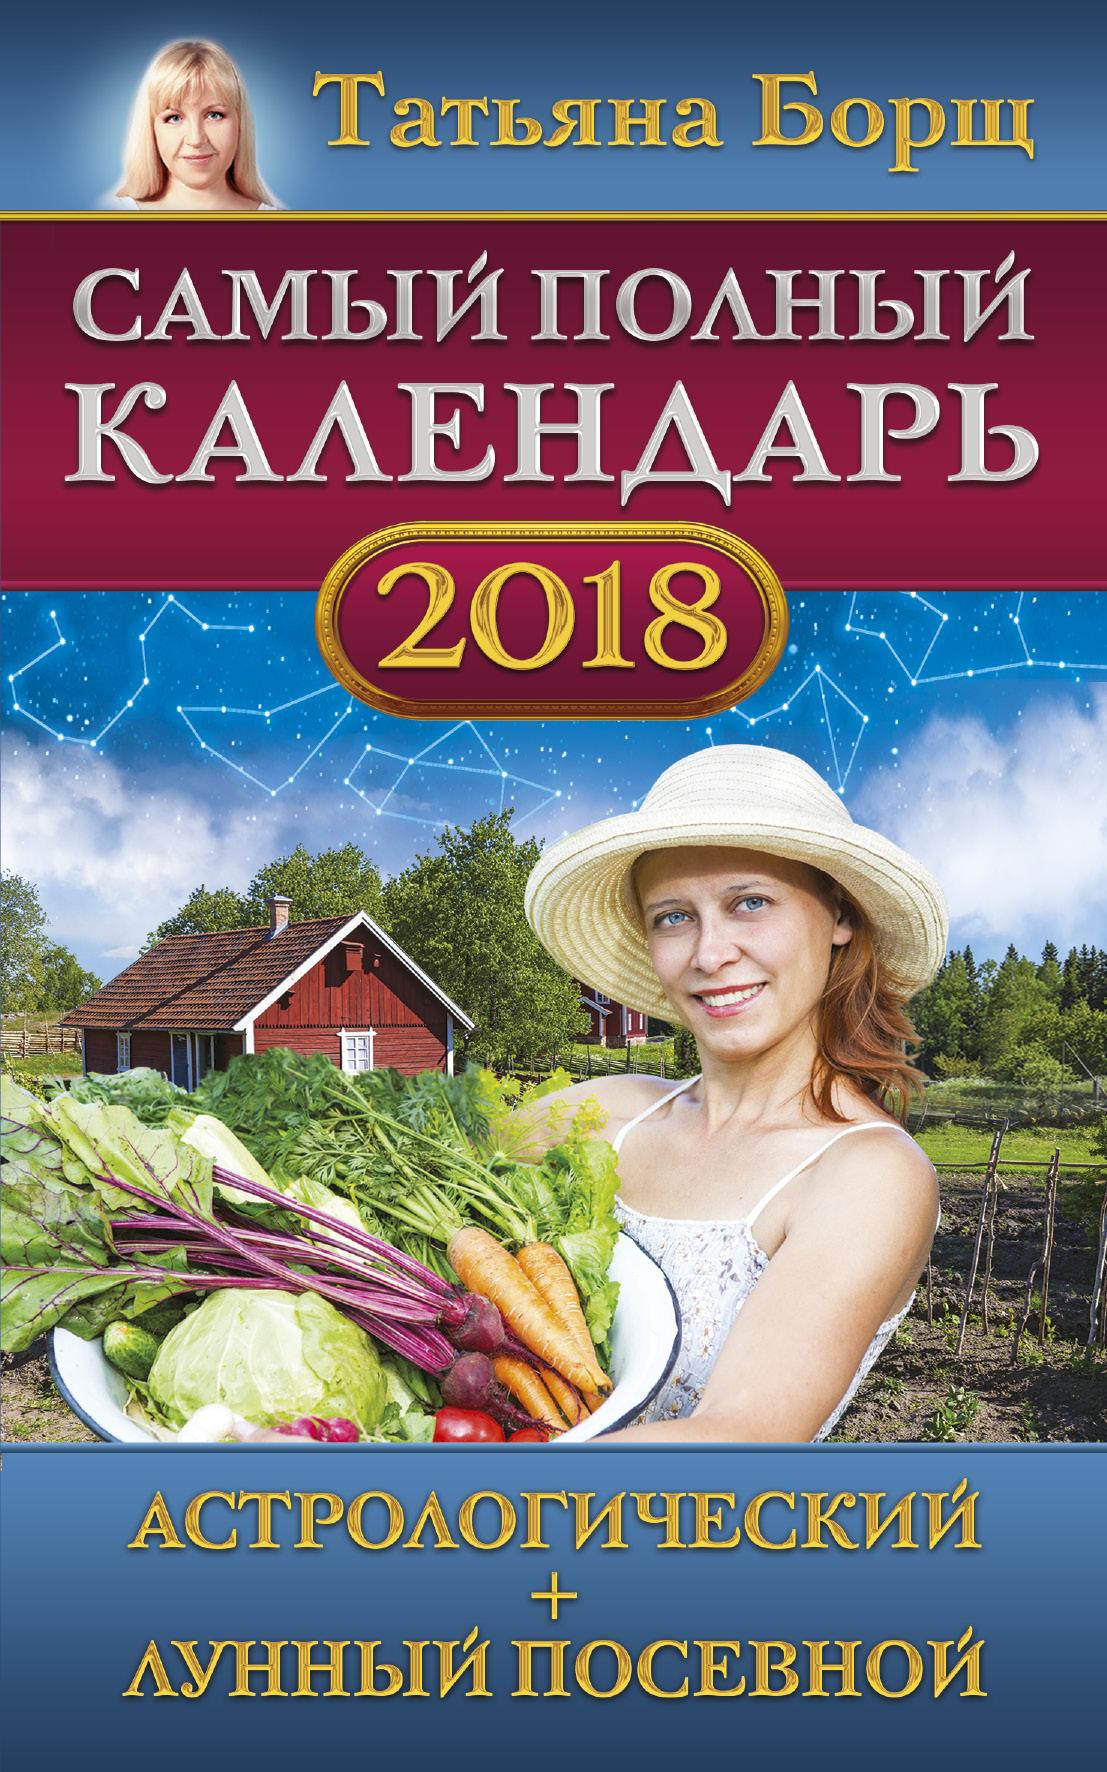 Татьяна Борщ Самый полный календарь на 2018 год: астрологический + лунный посевной